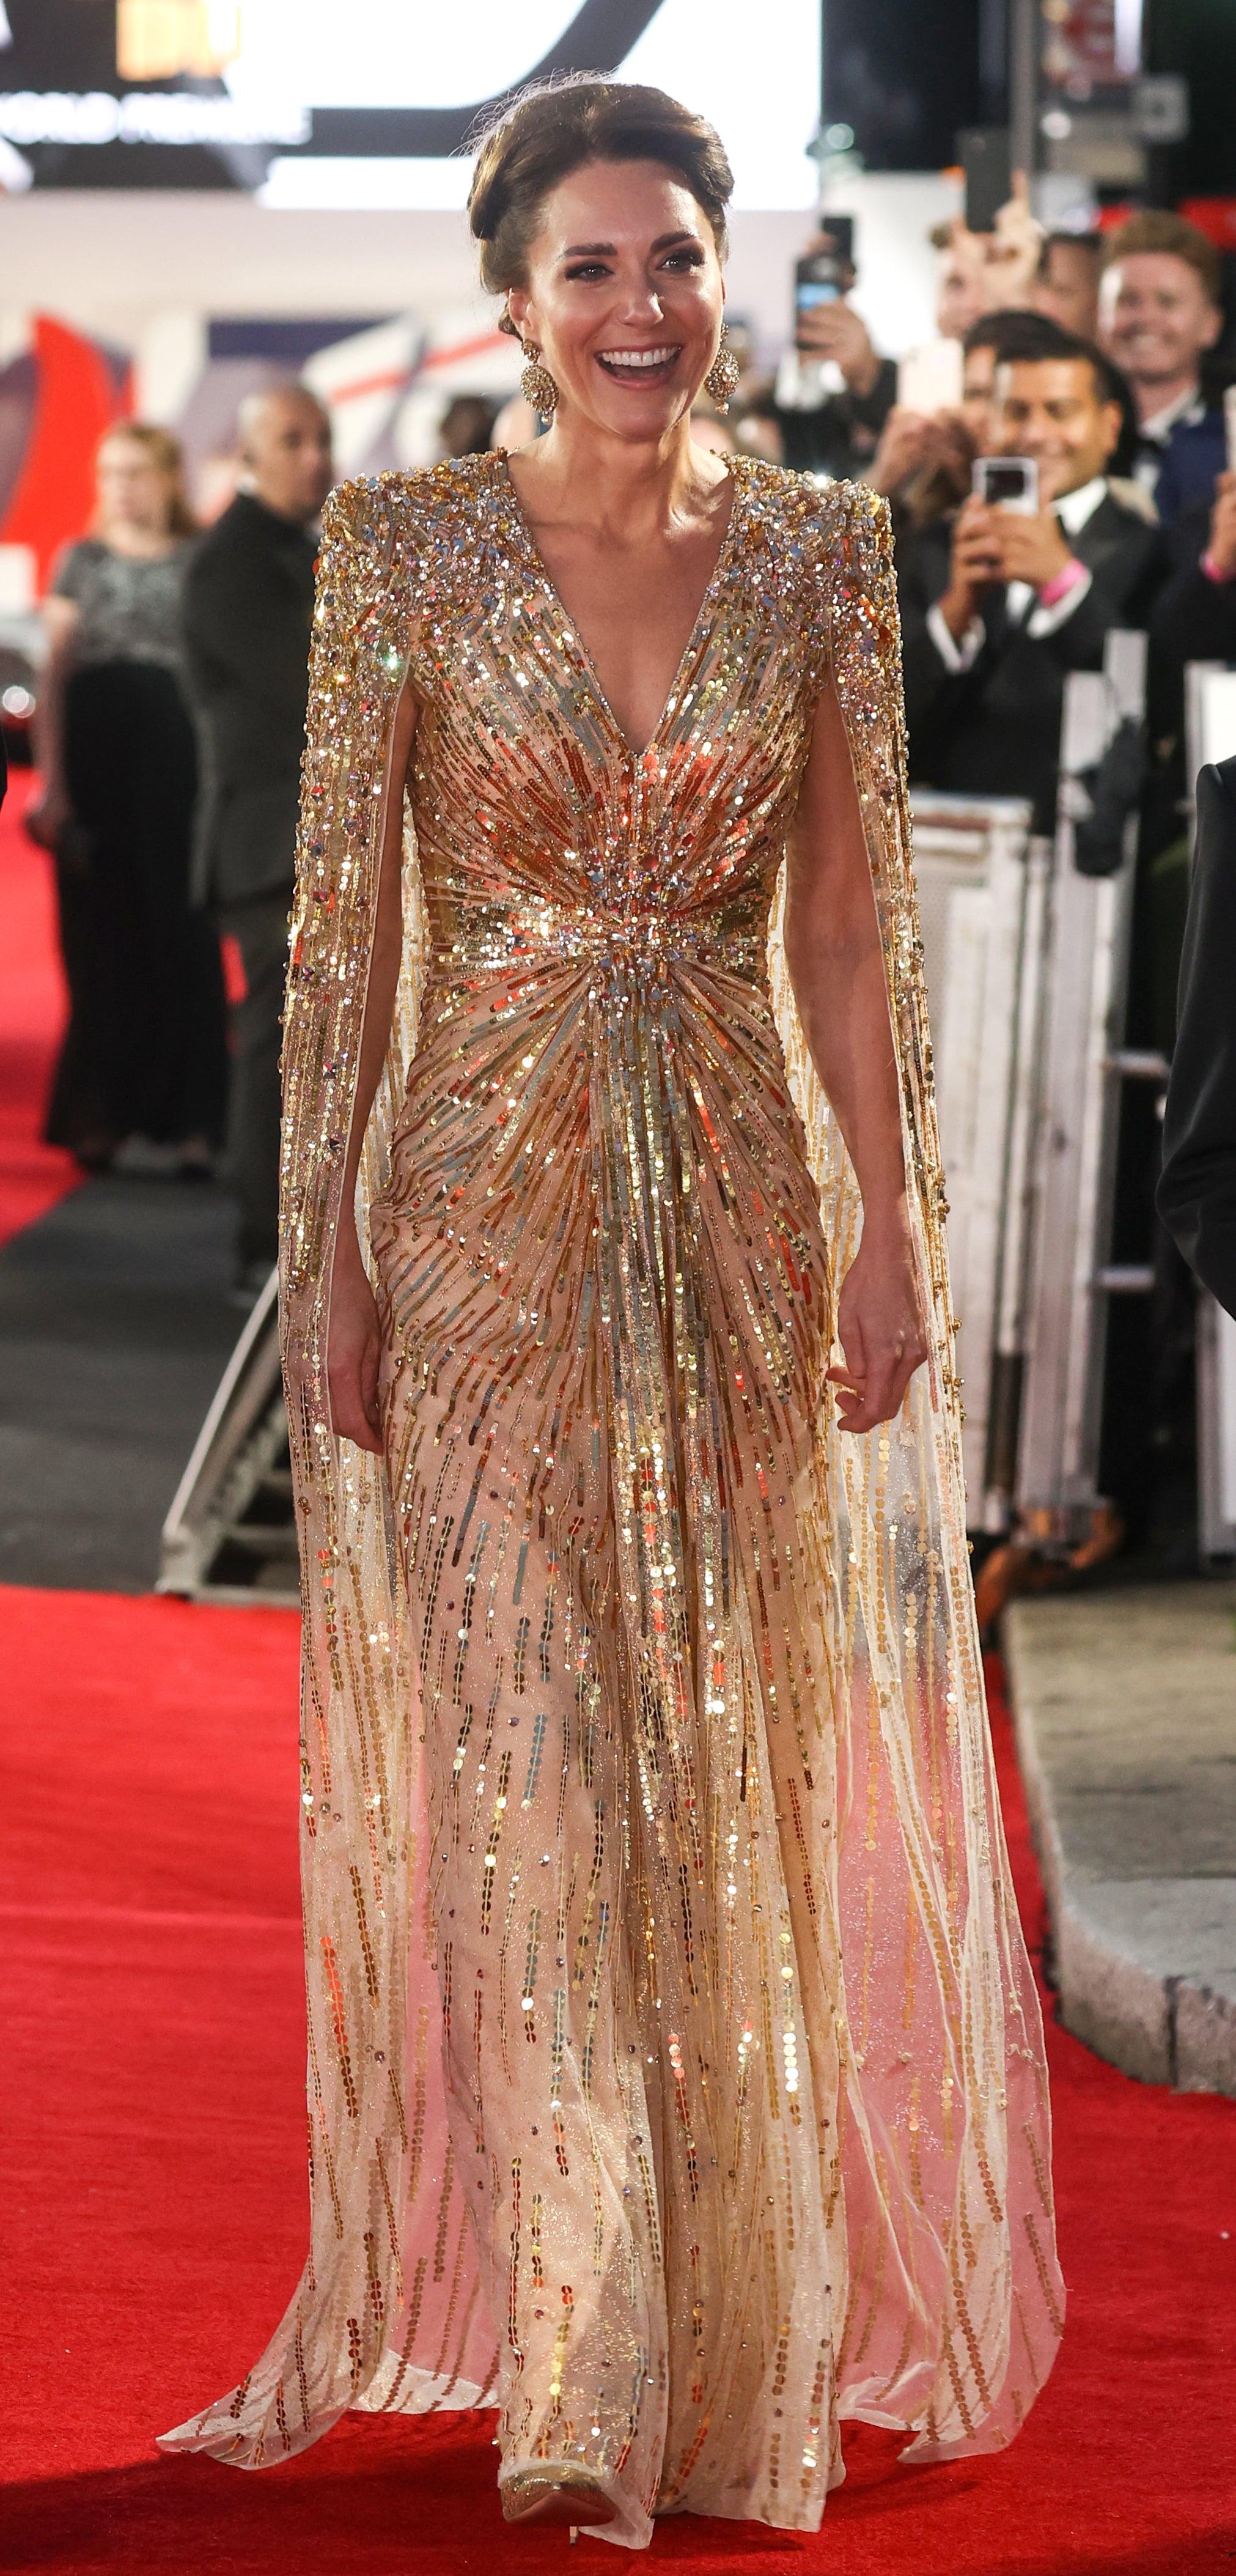 Herzogin Kate im Kleid der Designerin Jenny Packham